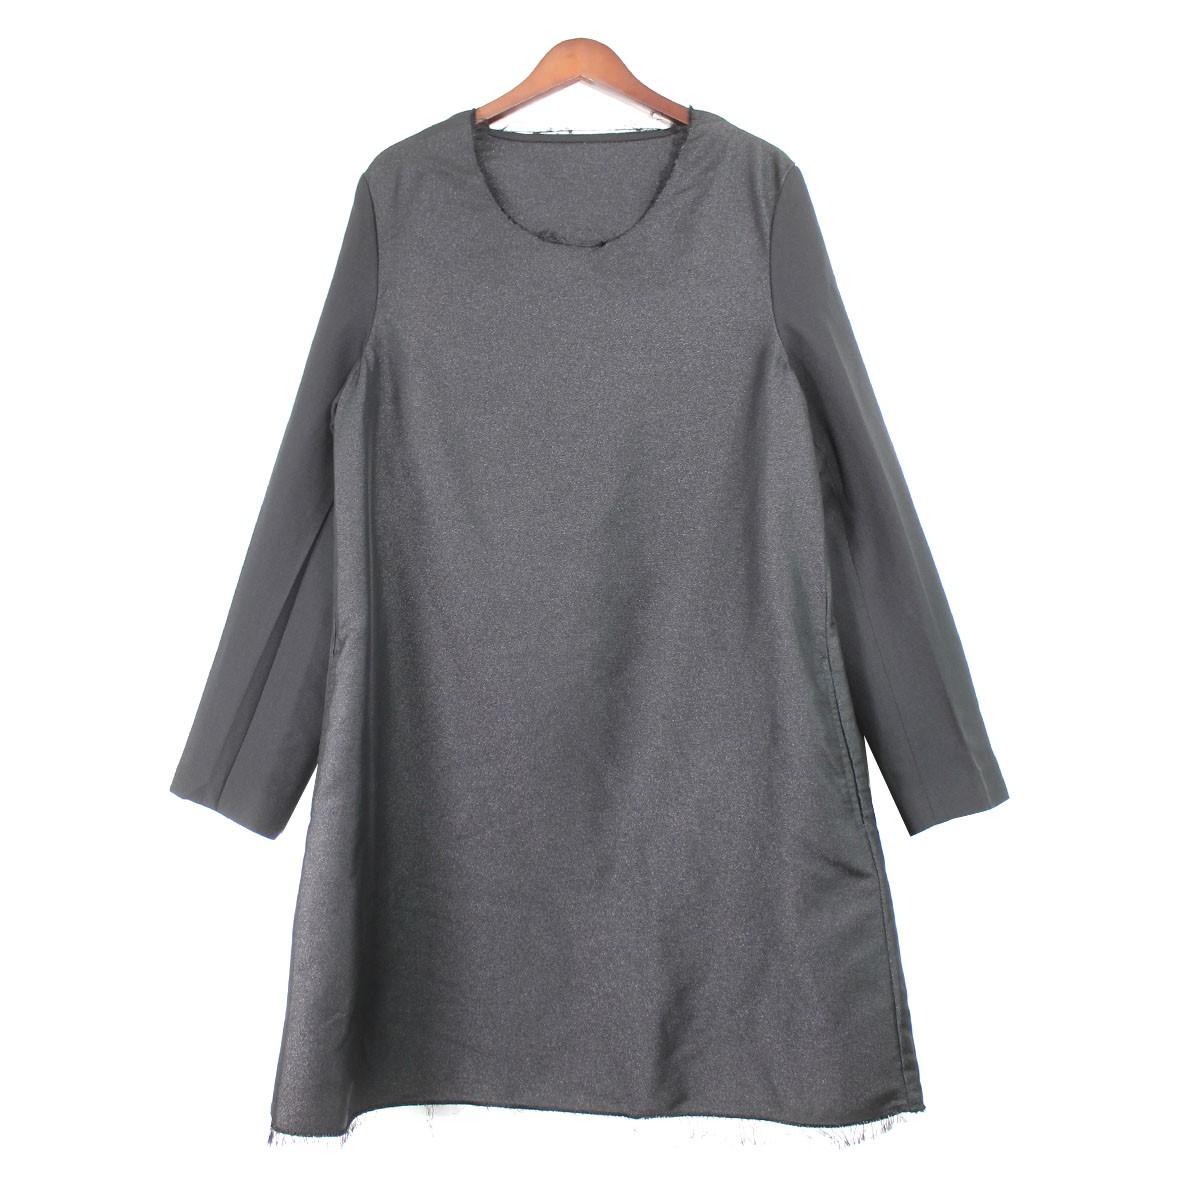 【中古】COMME des GARCONS HOMME PLUS 19AW ポリ縮プルオーバージャケット ブラック サイズ:S 【090520】(コムデギャルソンオムプリュス)